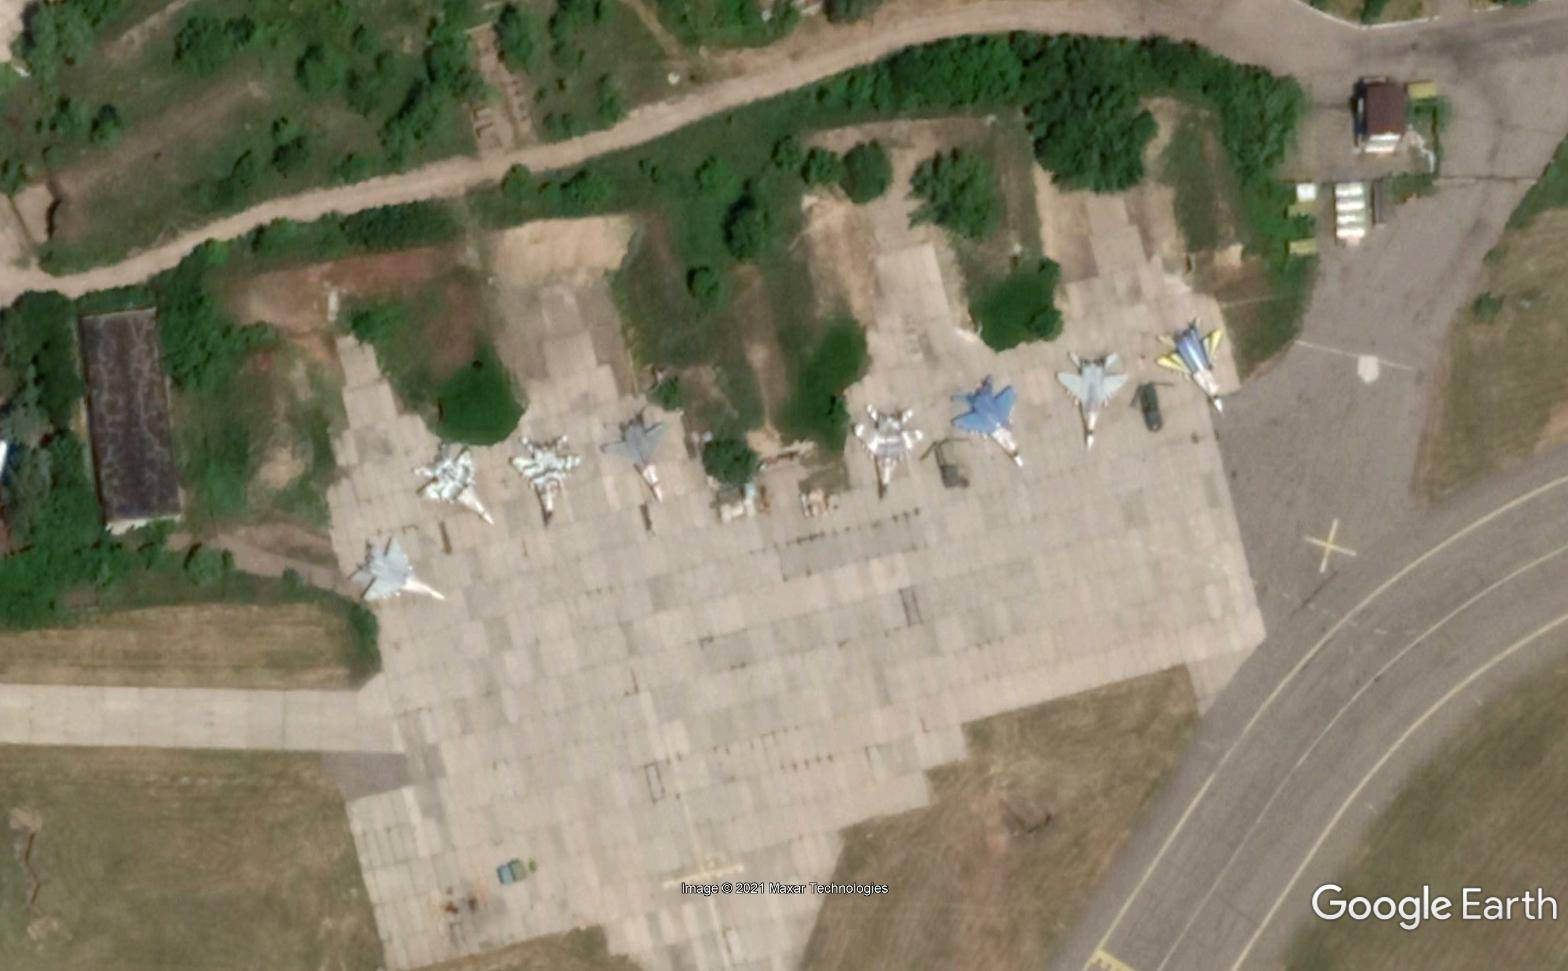 顿巴斯大规模交火,乌克兰空军高度戒备,俄罗斯正面回应了